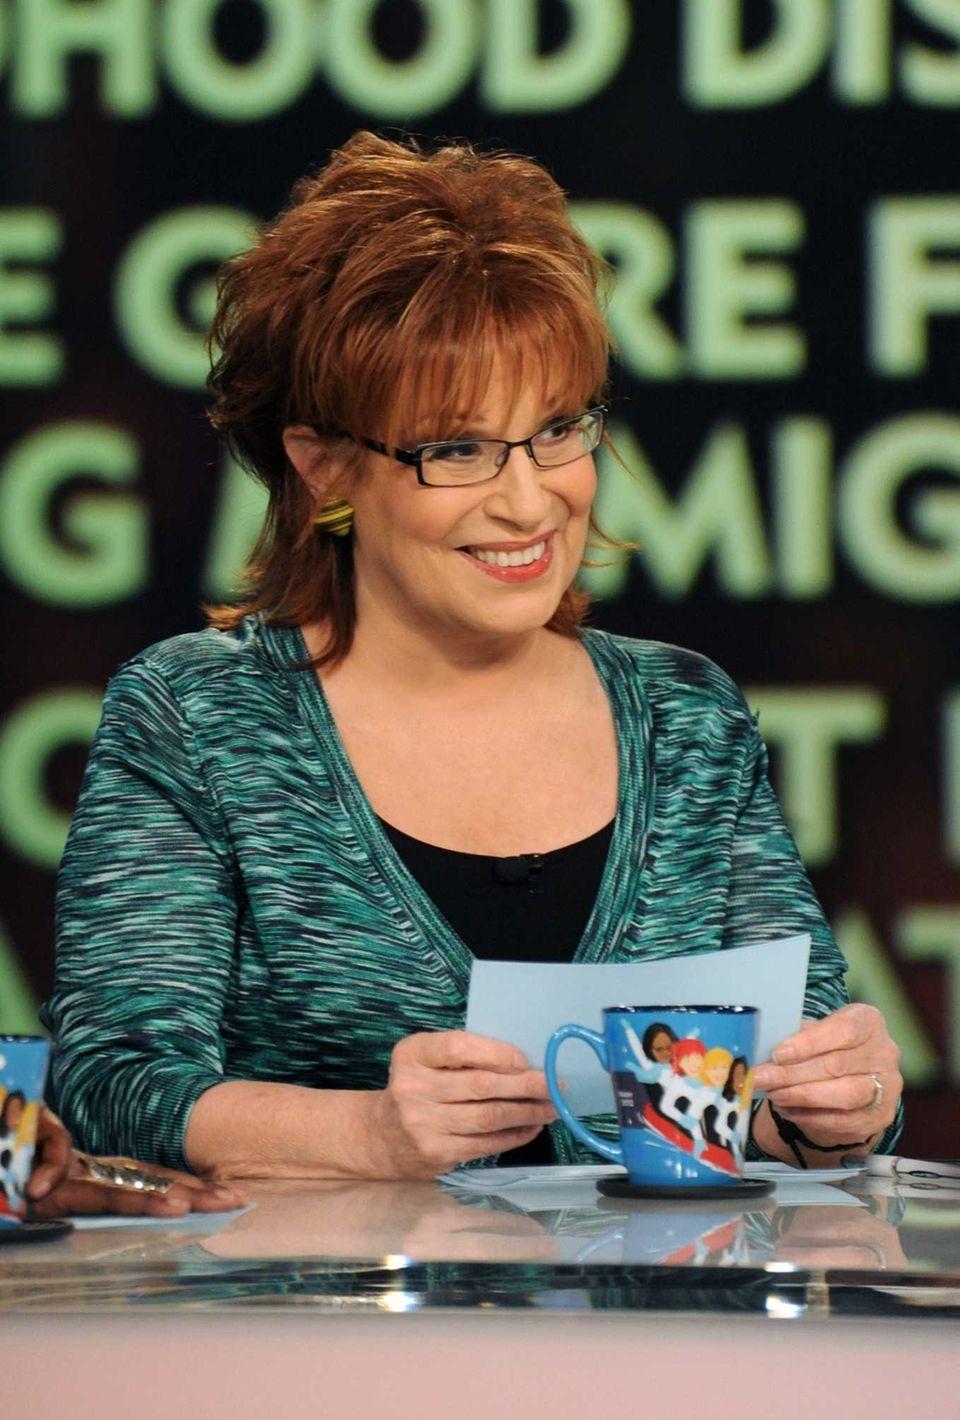 Comedian Joy Behar, an original